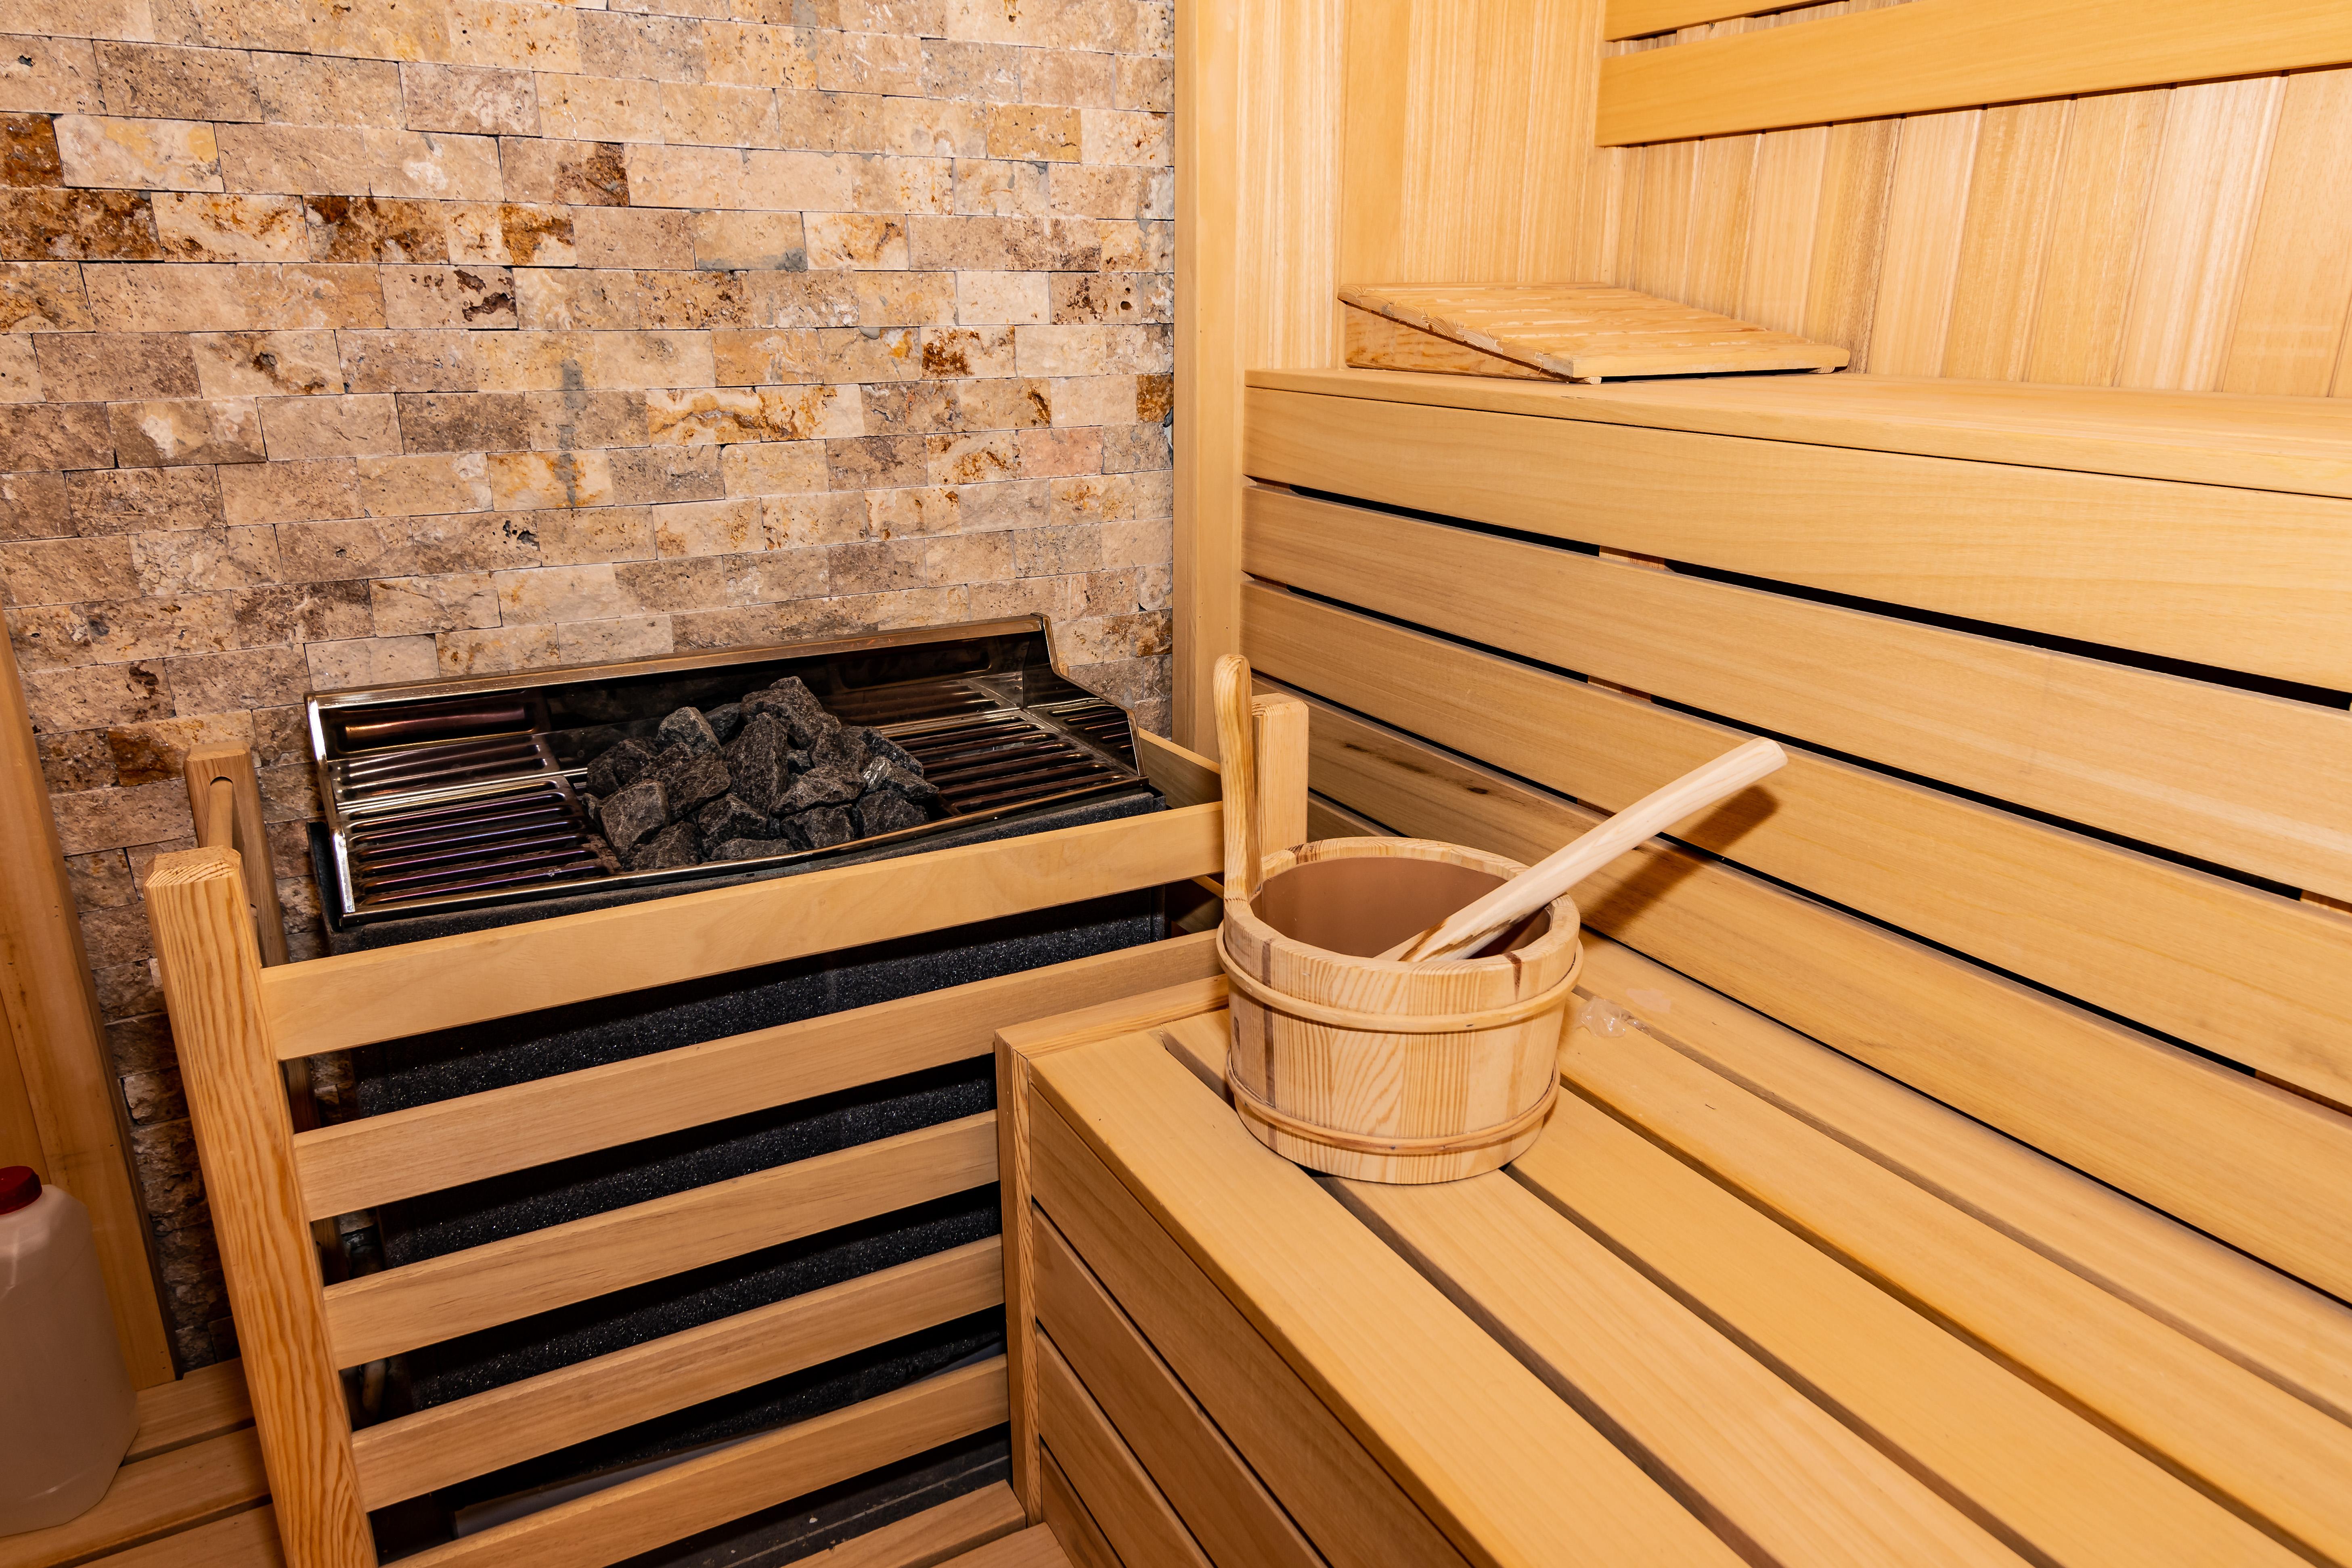 Apartment Joya Cyprus Moonlit Penthouse Apartment photo 20125225